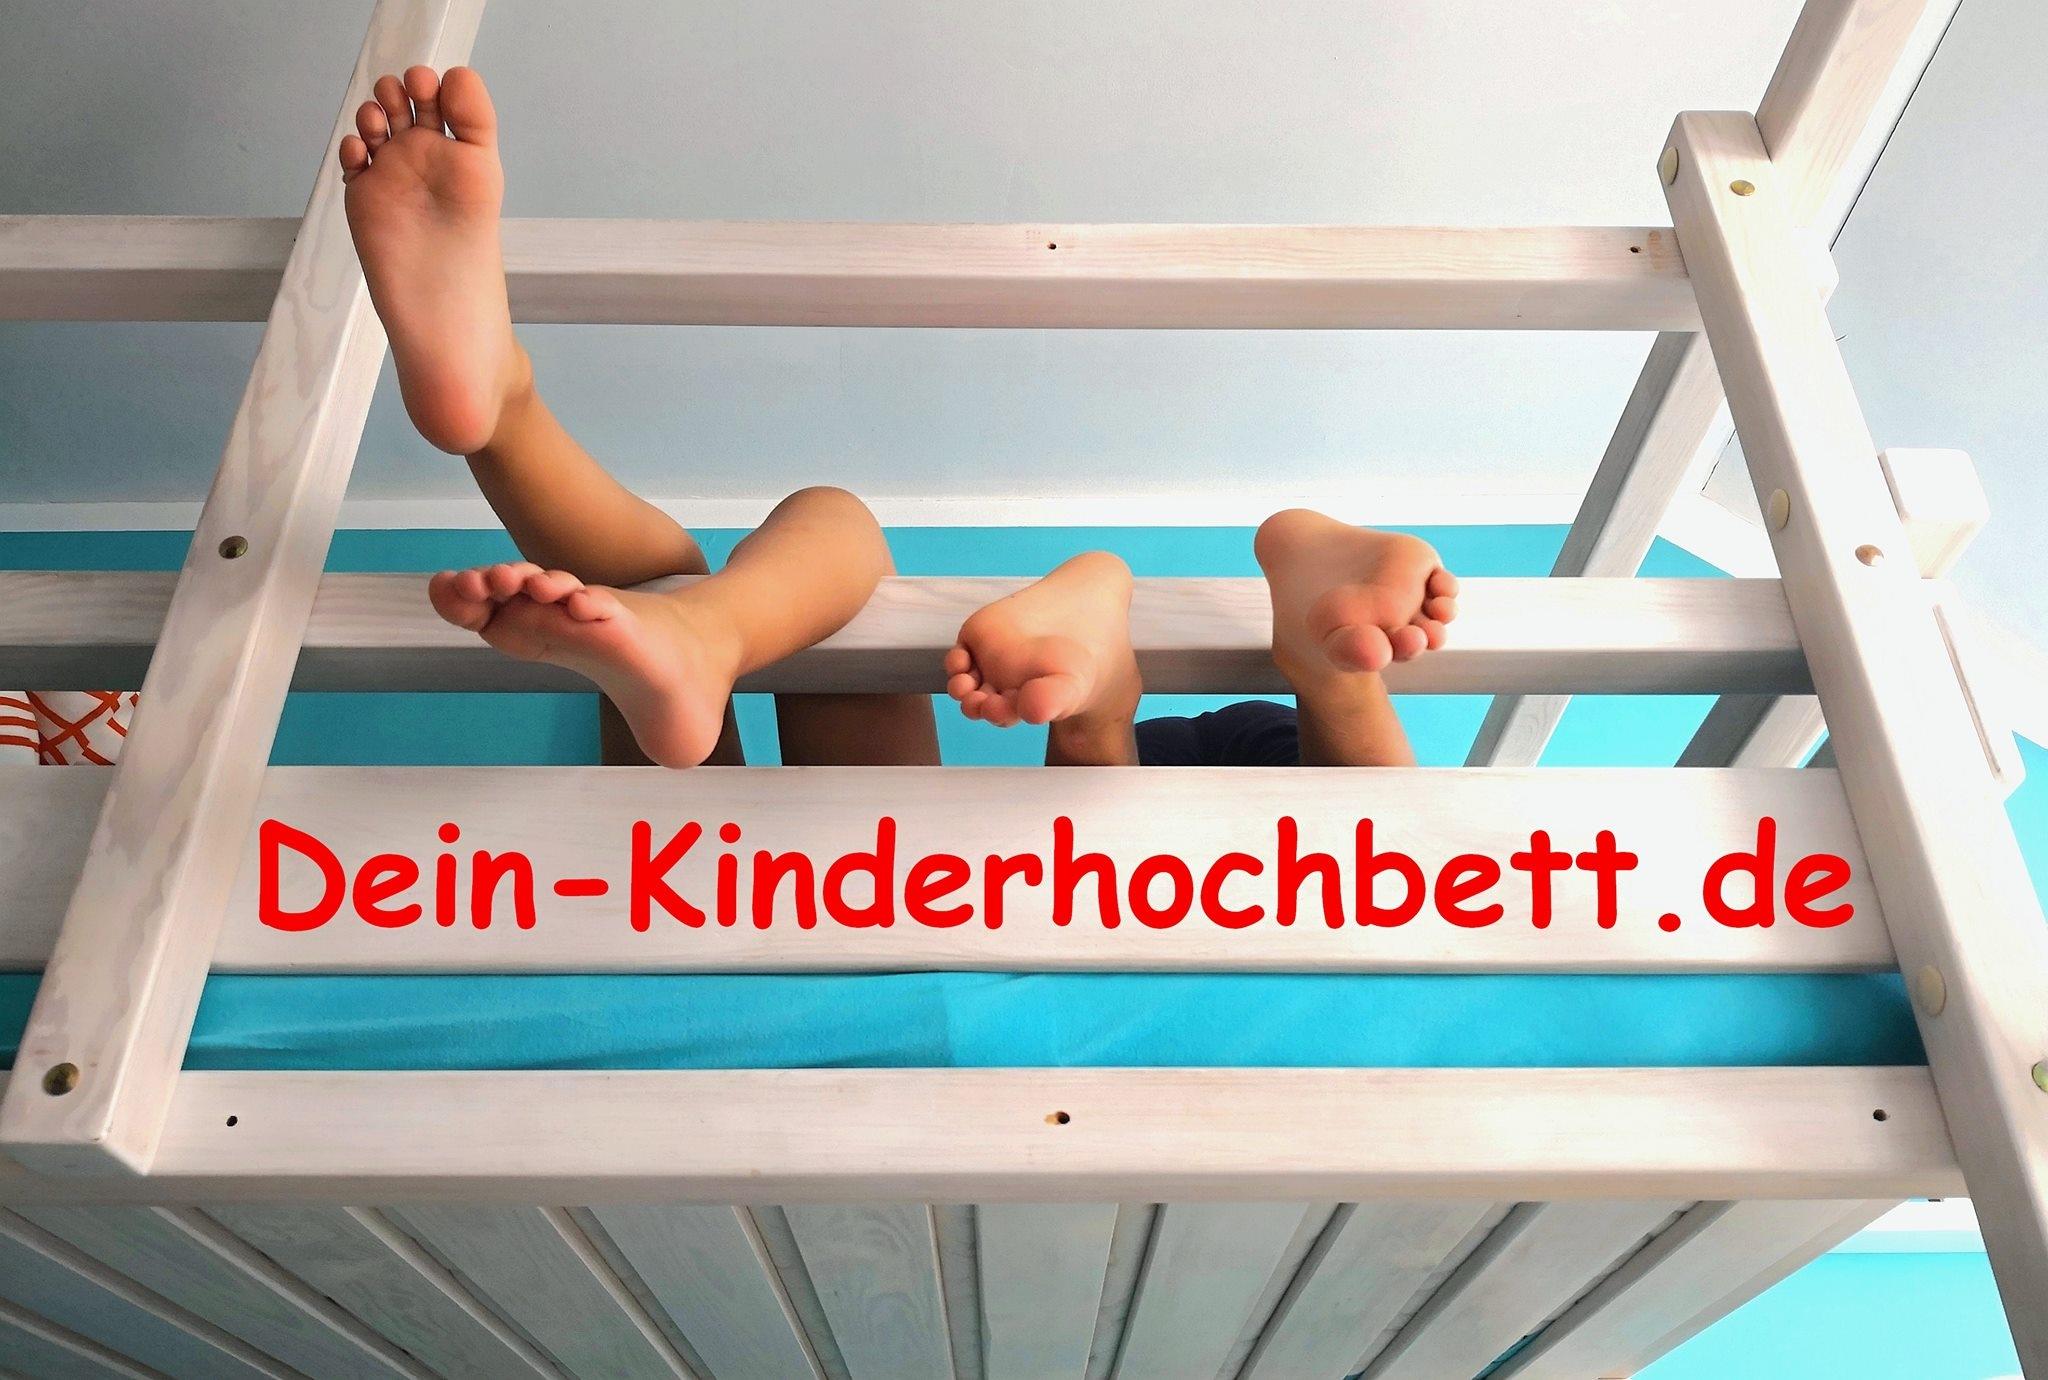 Hochbett mit Schreibtisch (@kinderhochbett) Cover Image